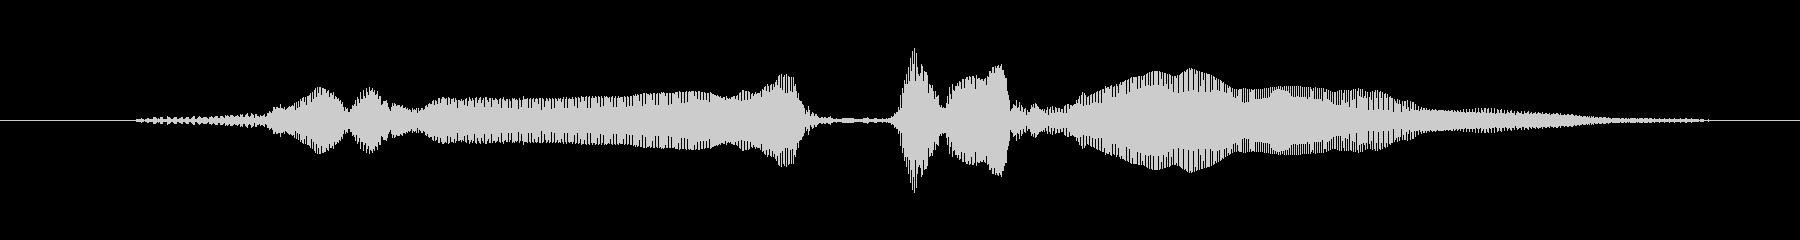 鳴き声 u湖の興奮男性03の未再生の波形